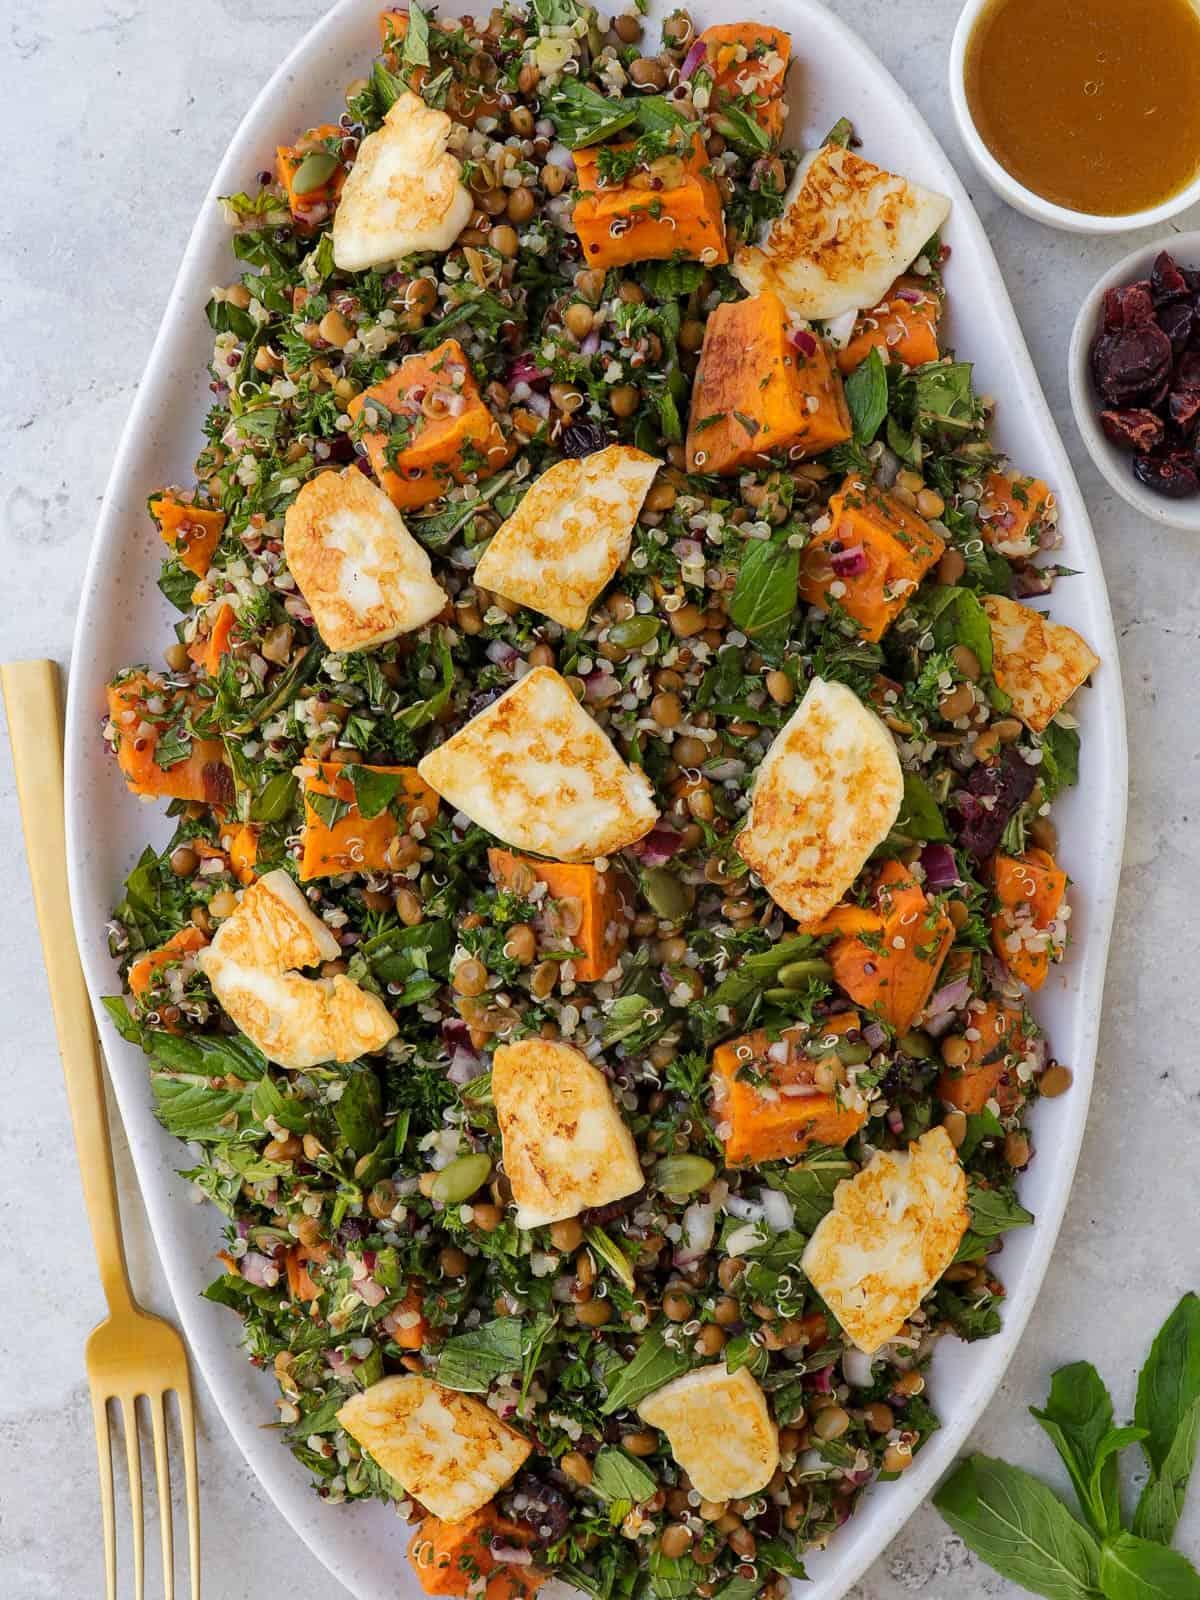 Salad on serving platter.